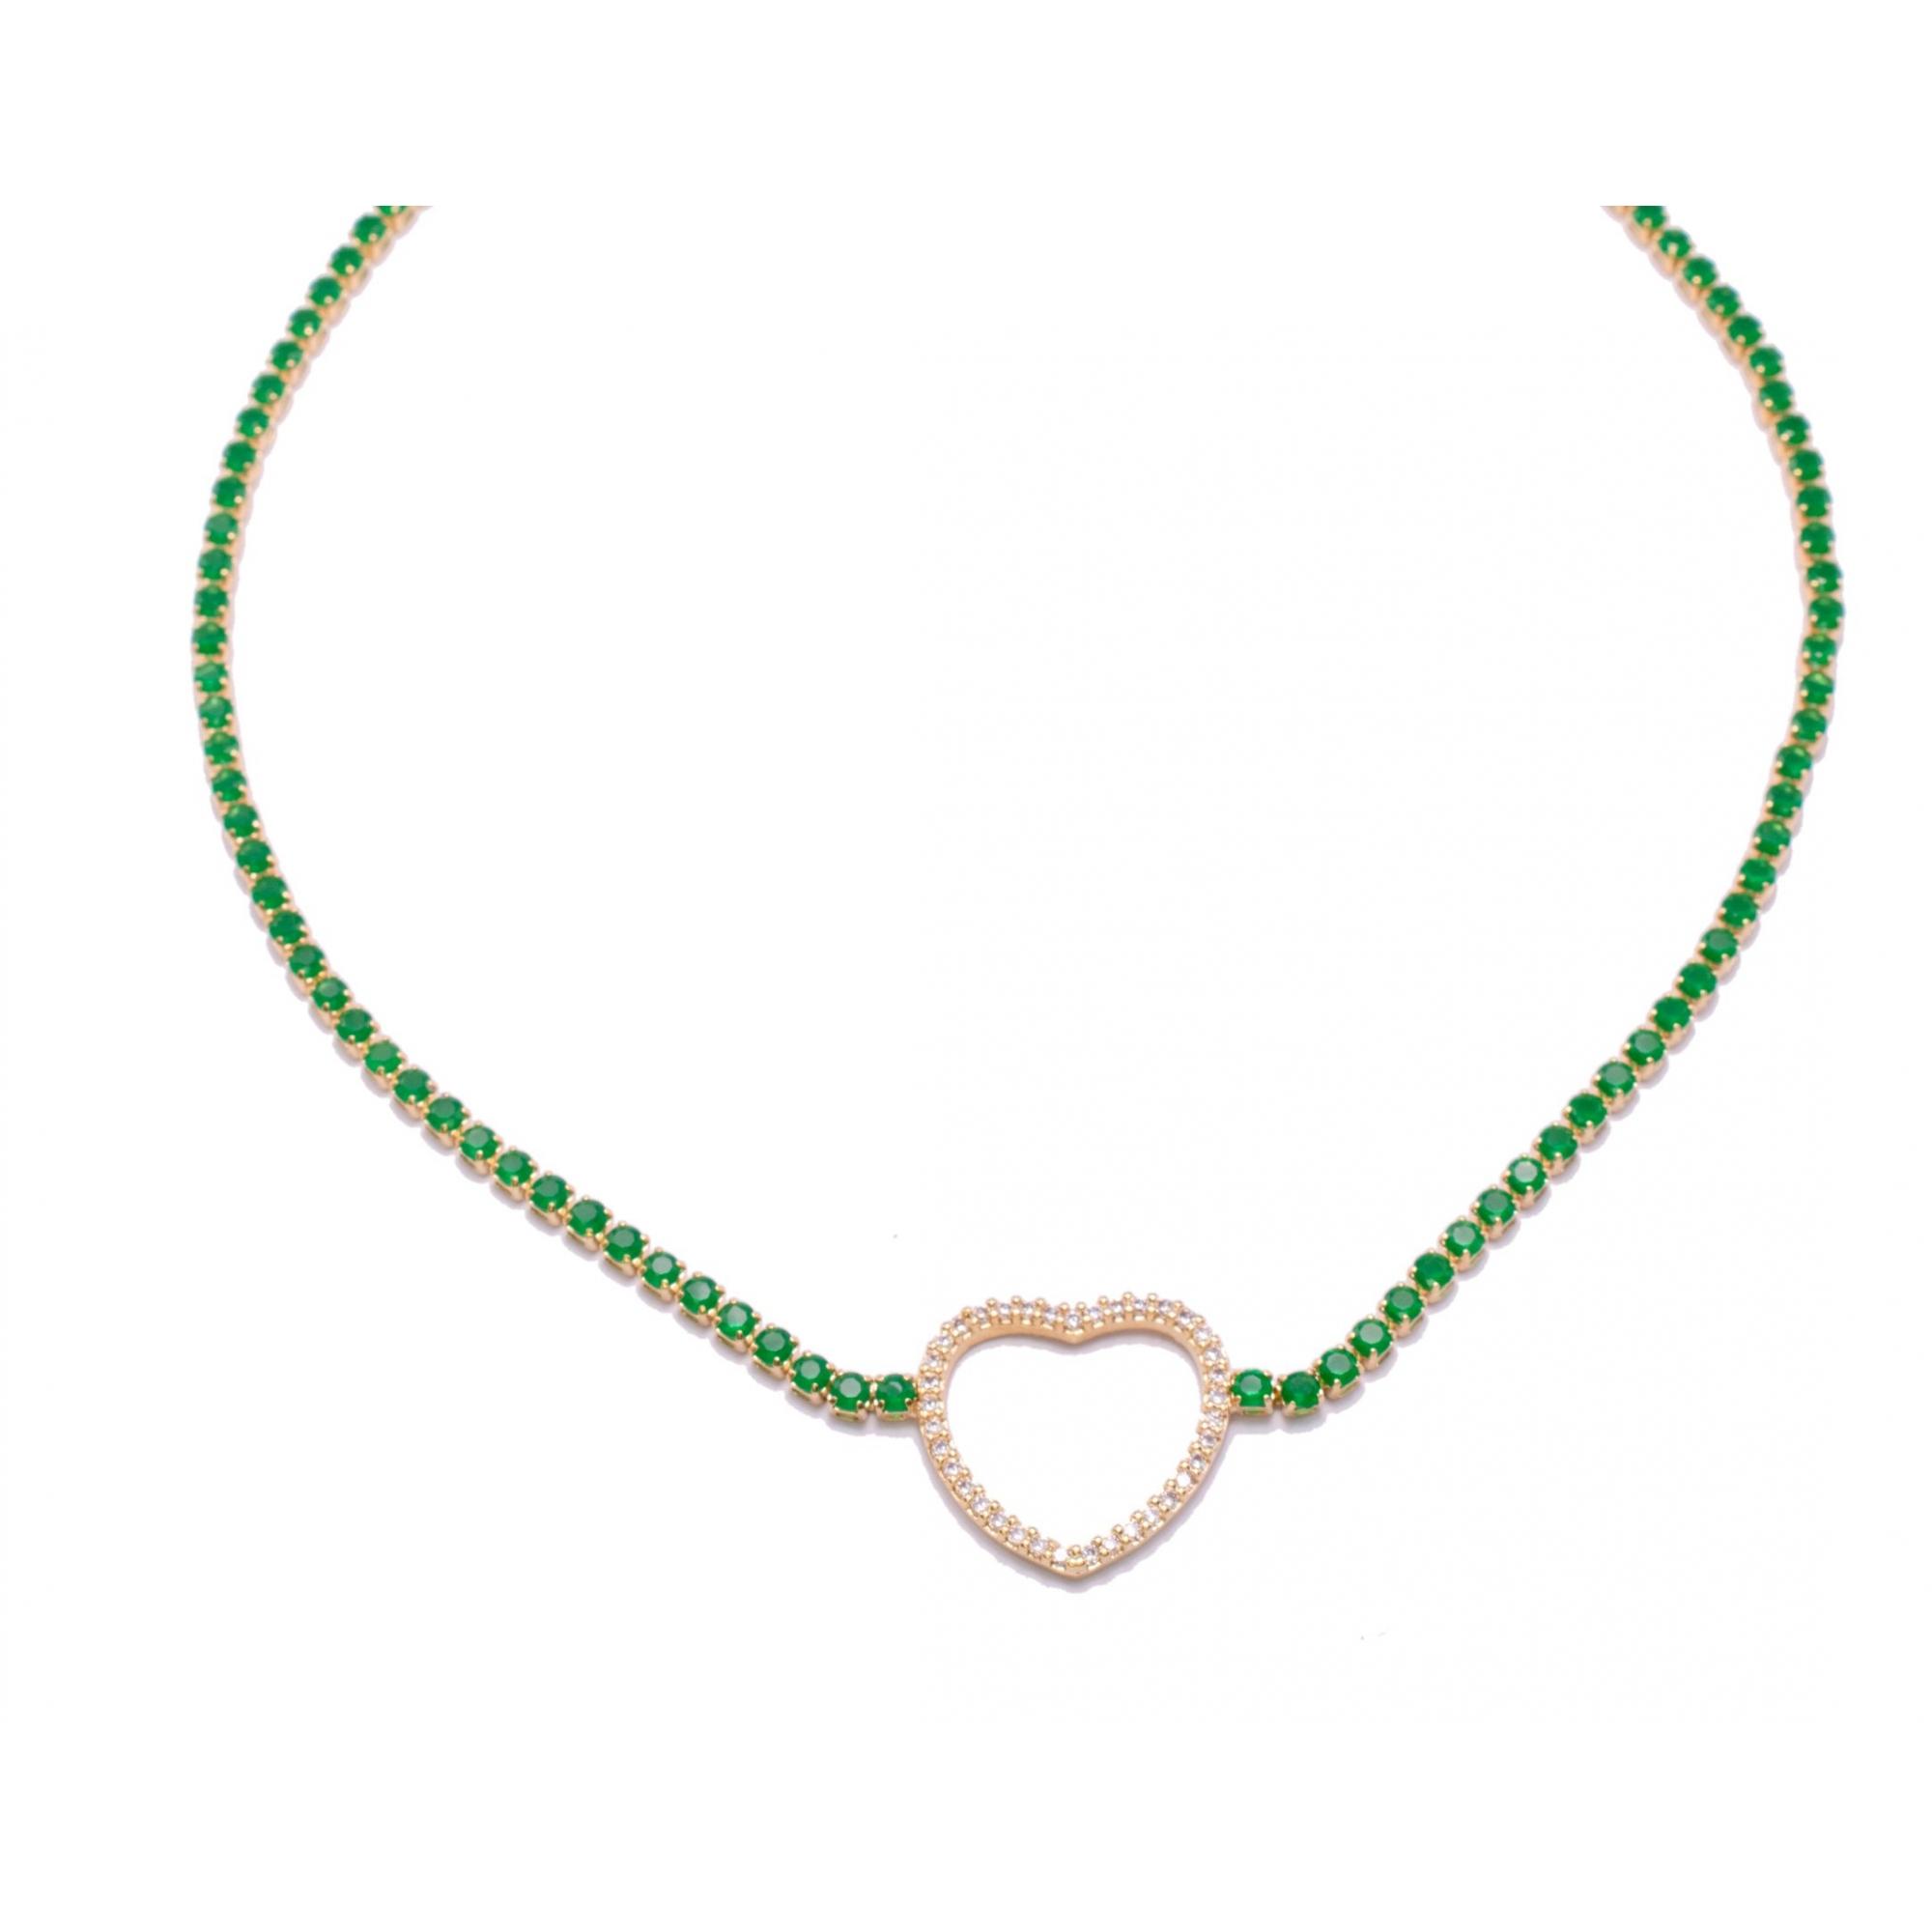 Colar Choker Coração com Zircônias Verdes Folheado em Ouro 18k